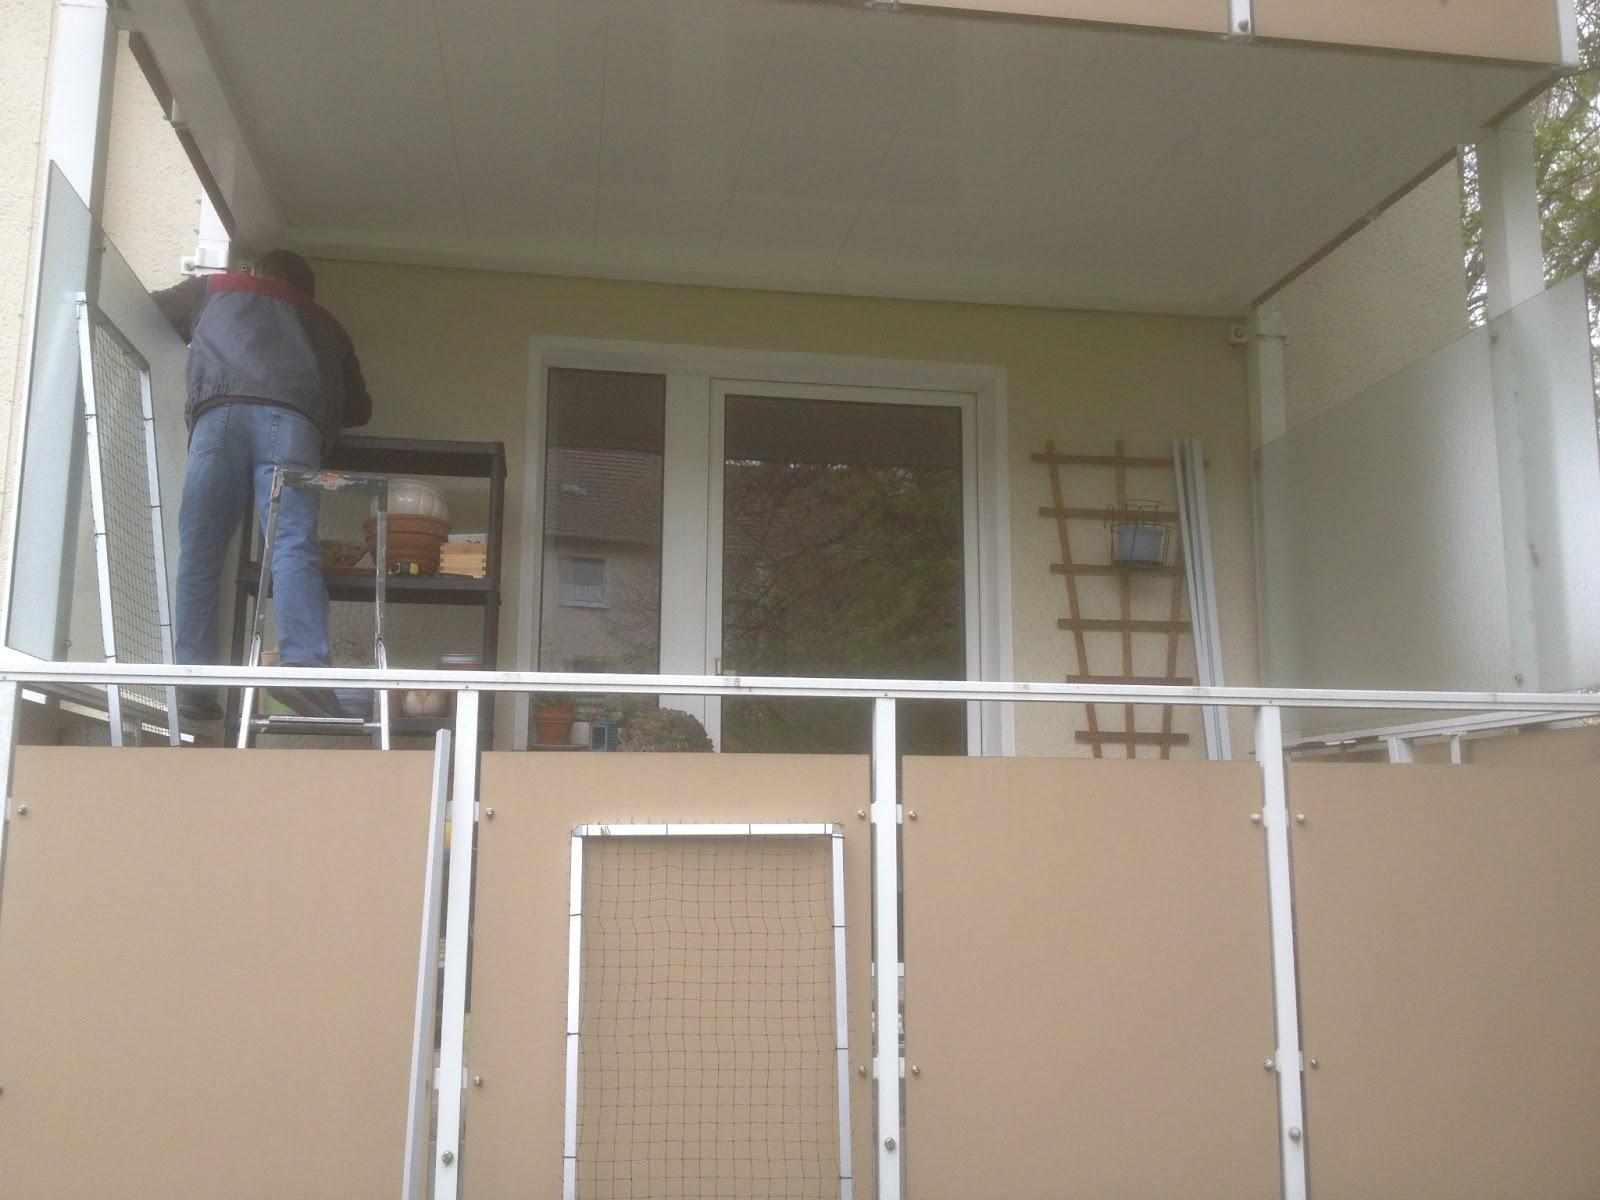 ... Katzennetz: Katzennetz anbringen in Leverkusen. Katzennetz für Balkon